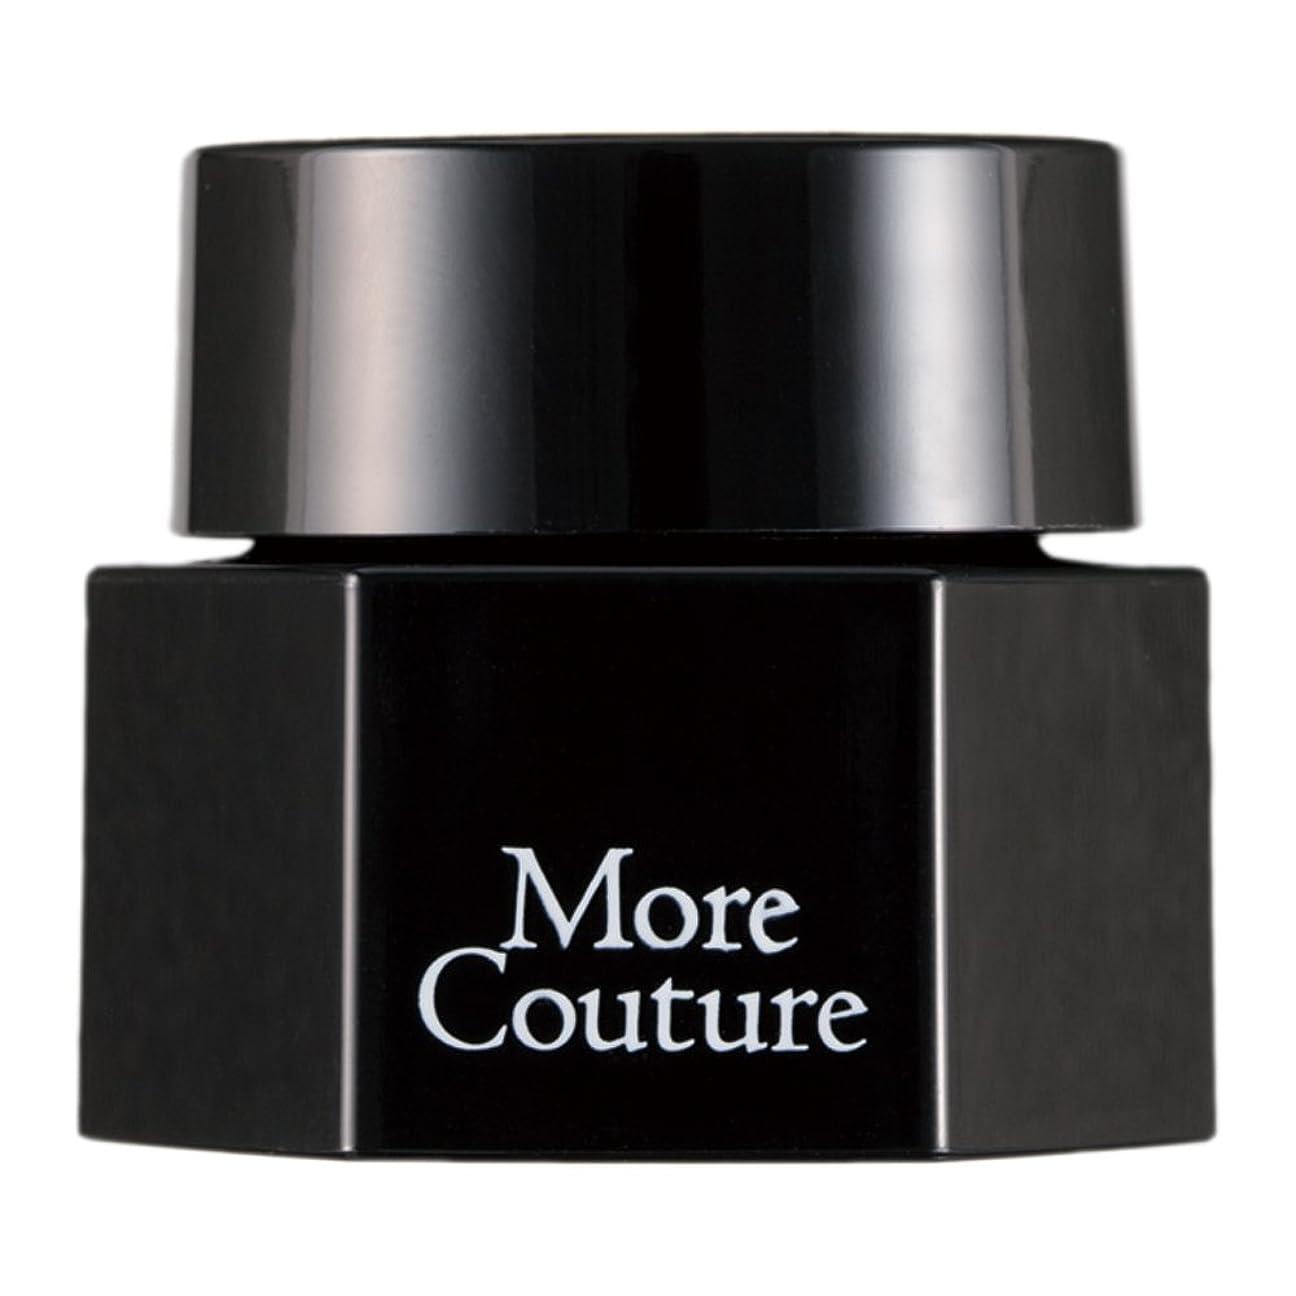 象アーカイブマトロンMore Couture カラージェル 306 フレンチバニラ 5g UV/LED対応